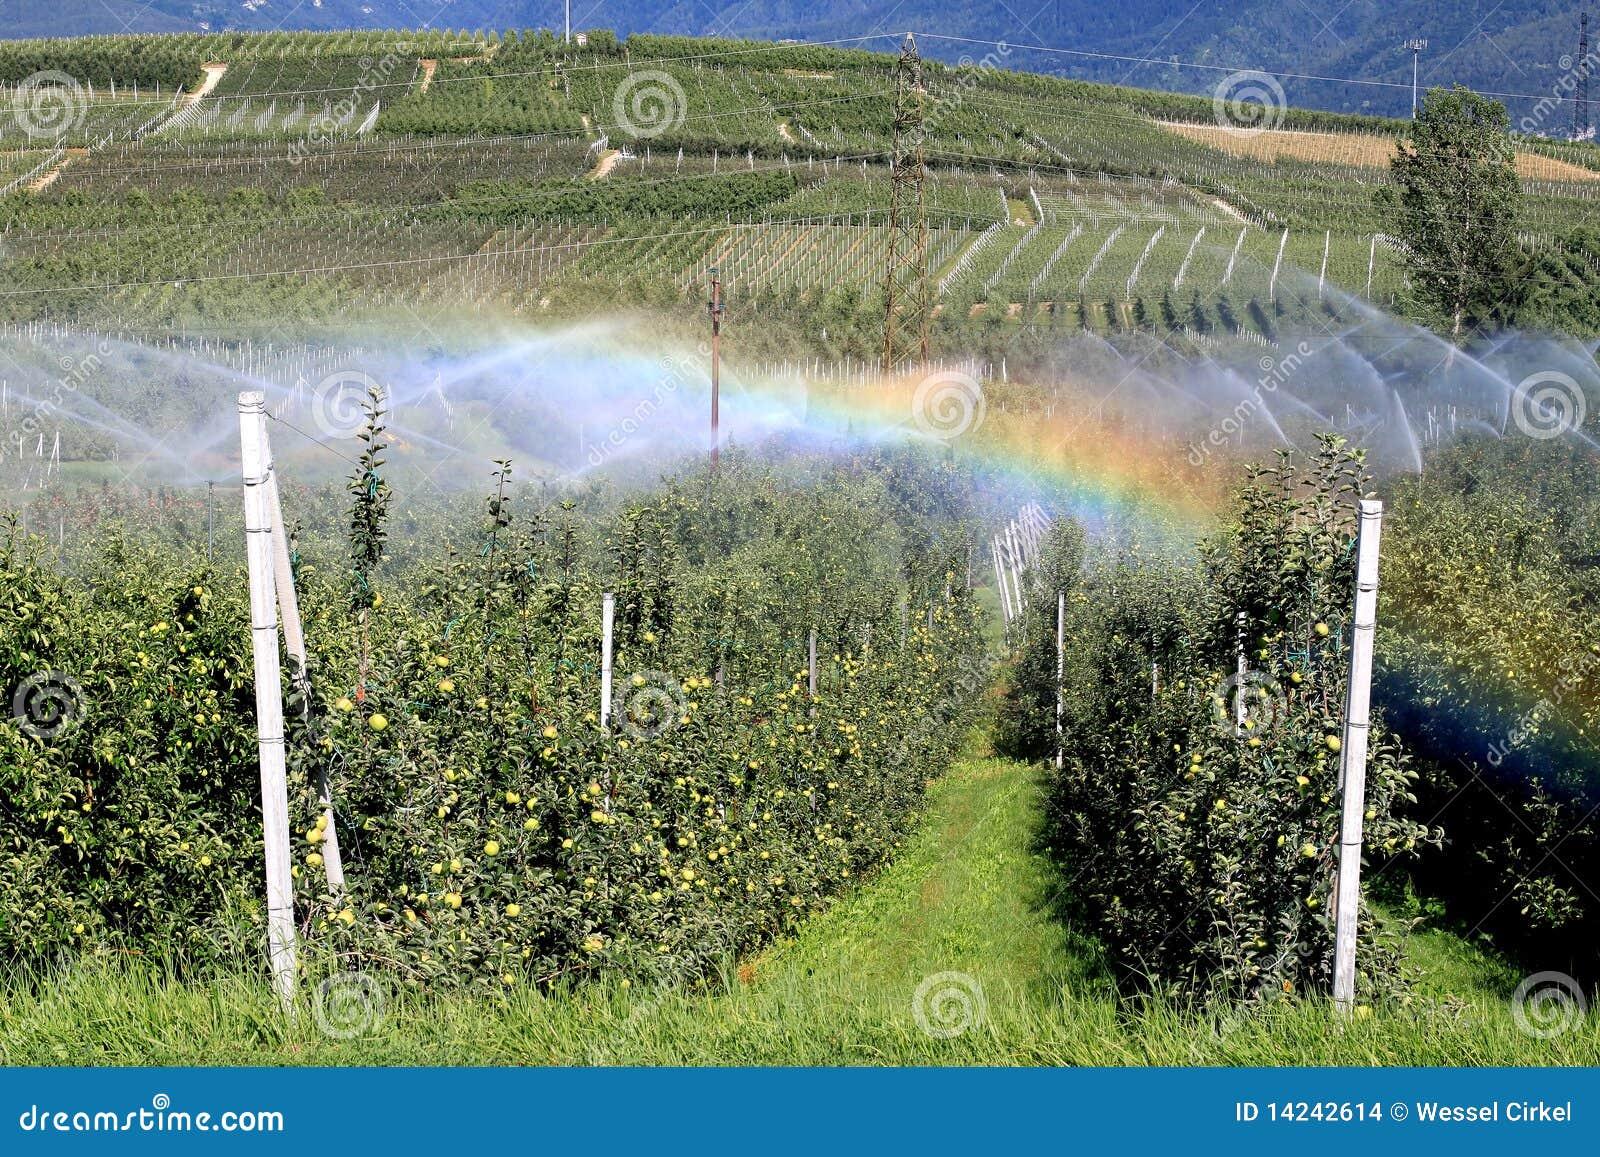 Rainbow Tramite Irrigazione Di Un Meleto Italia